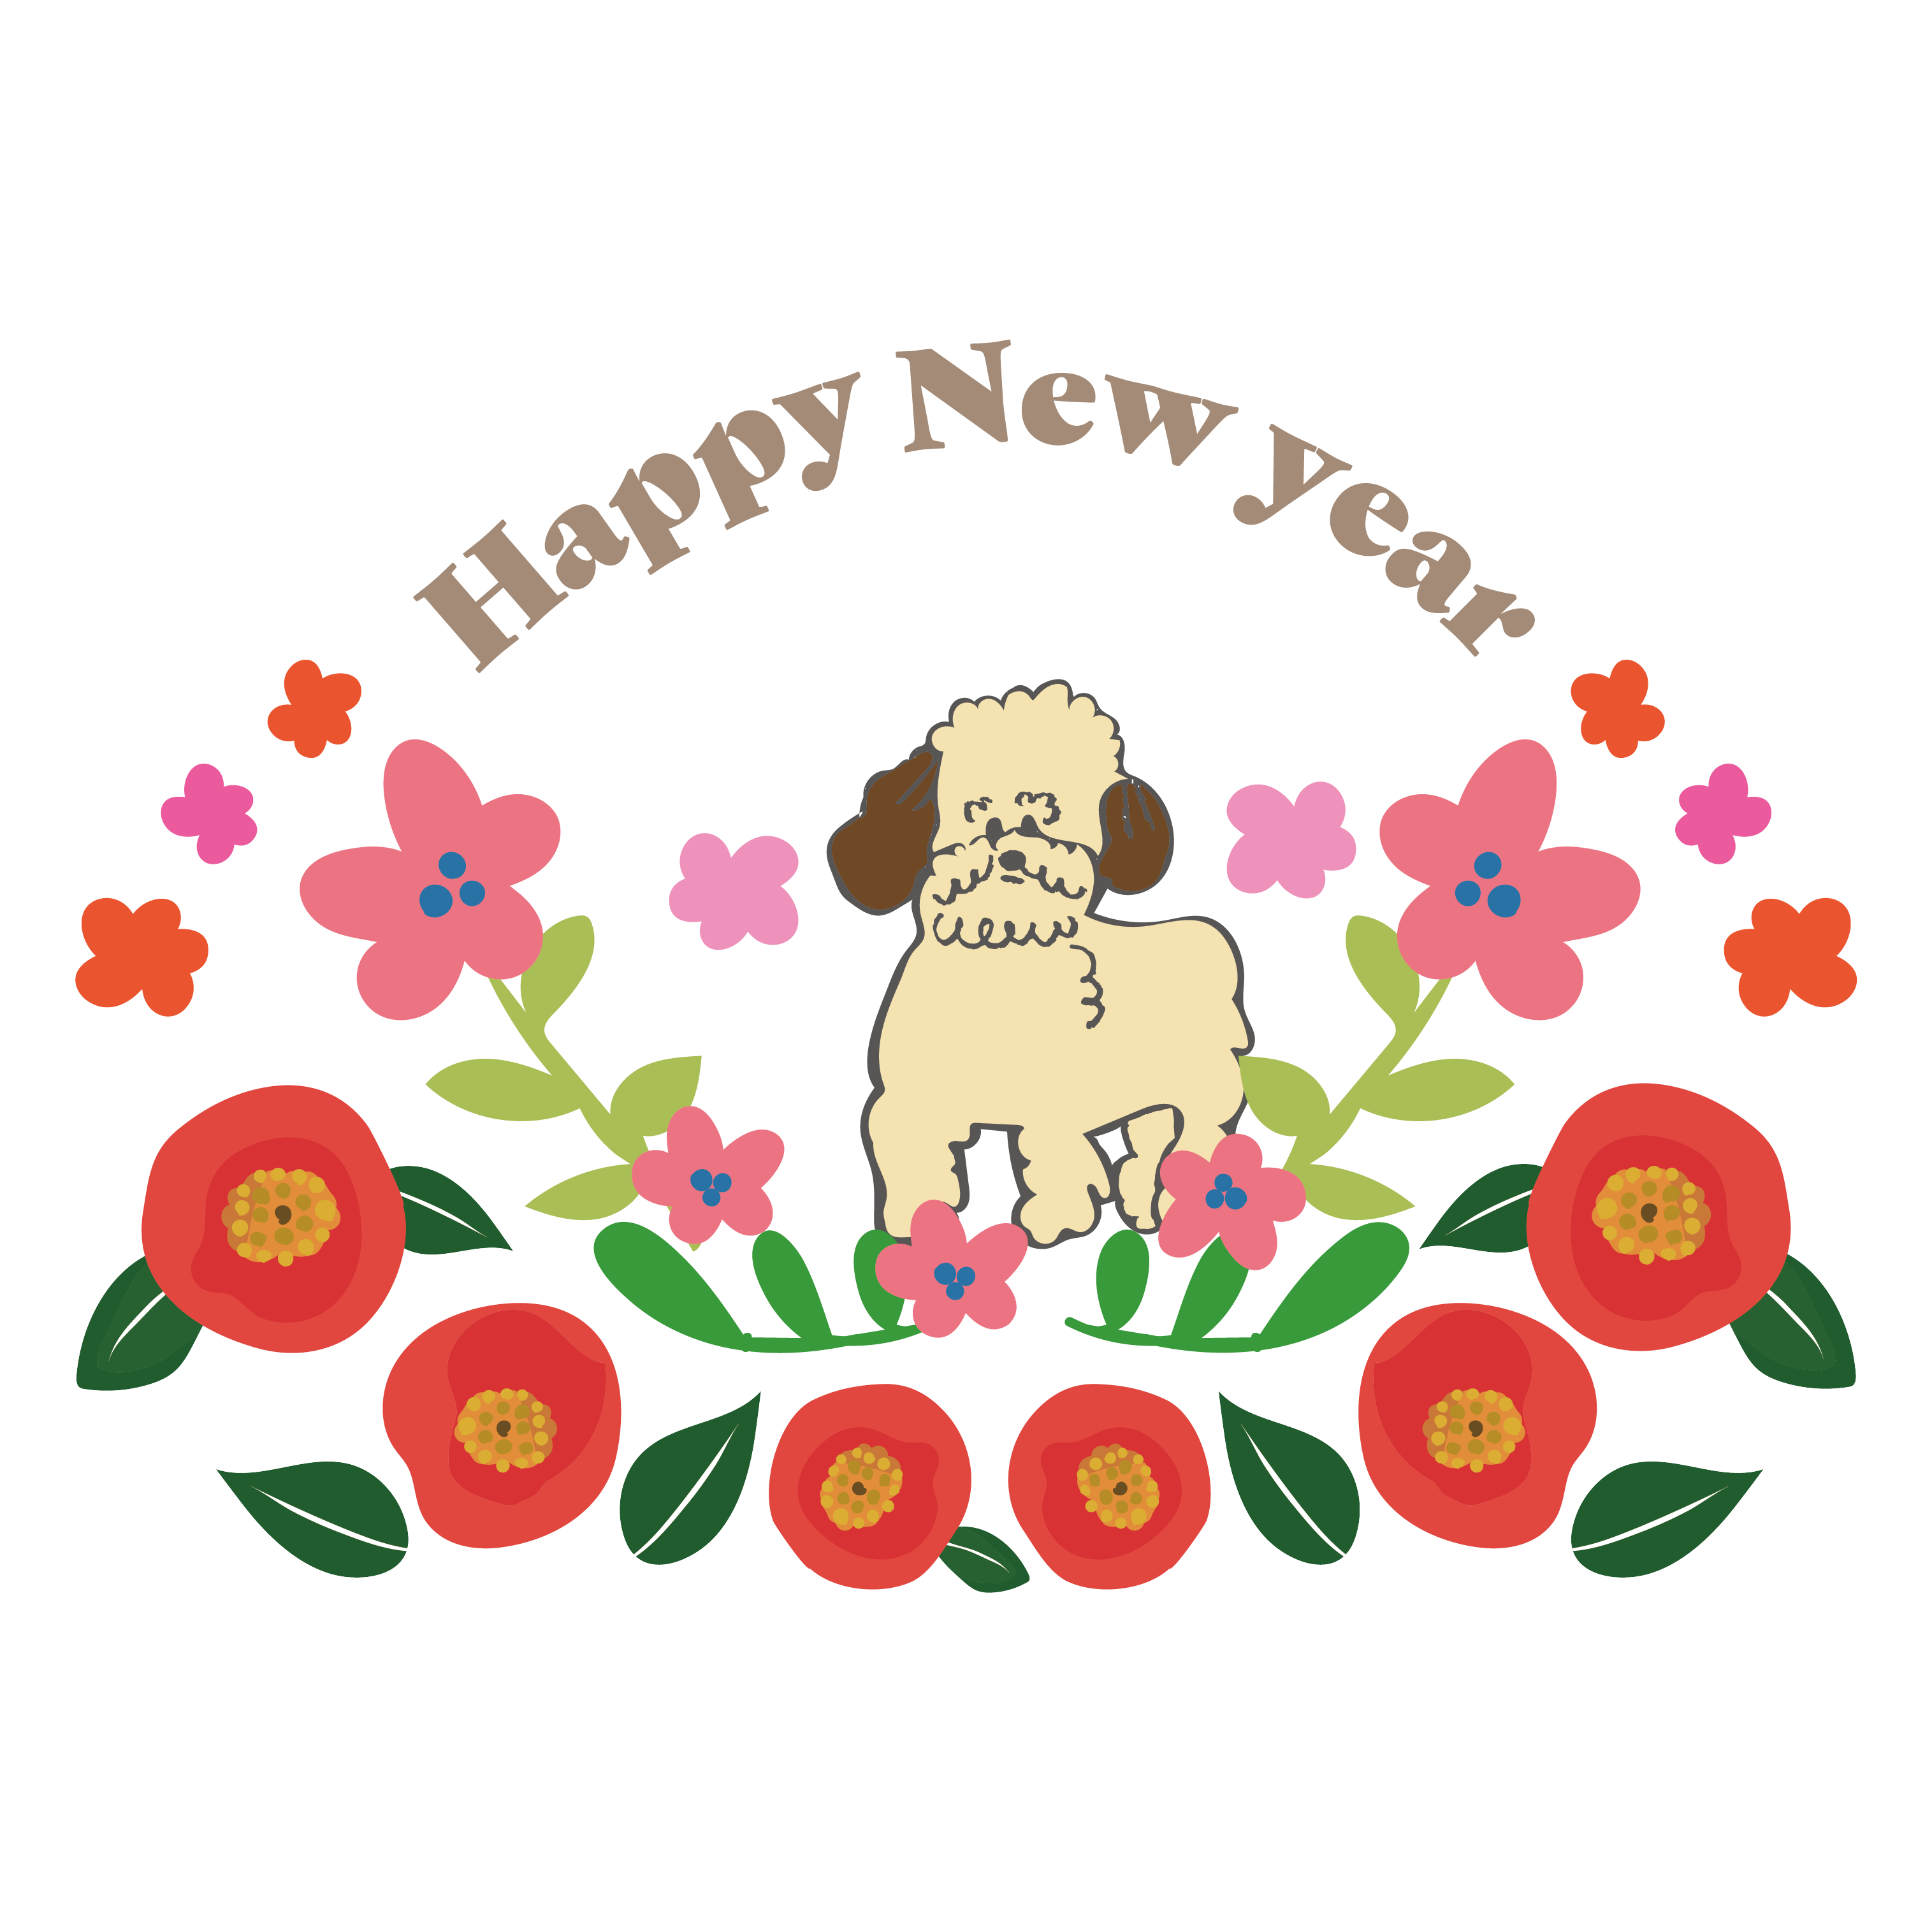 年賀状 2018 デザイン おしゃれなトイプードル(犬) イラスト | 商用